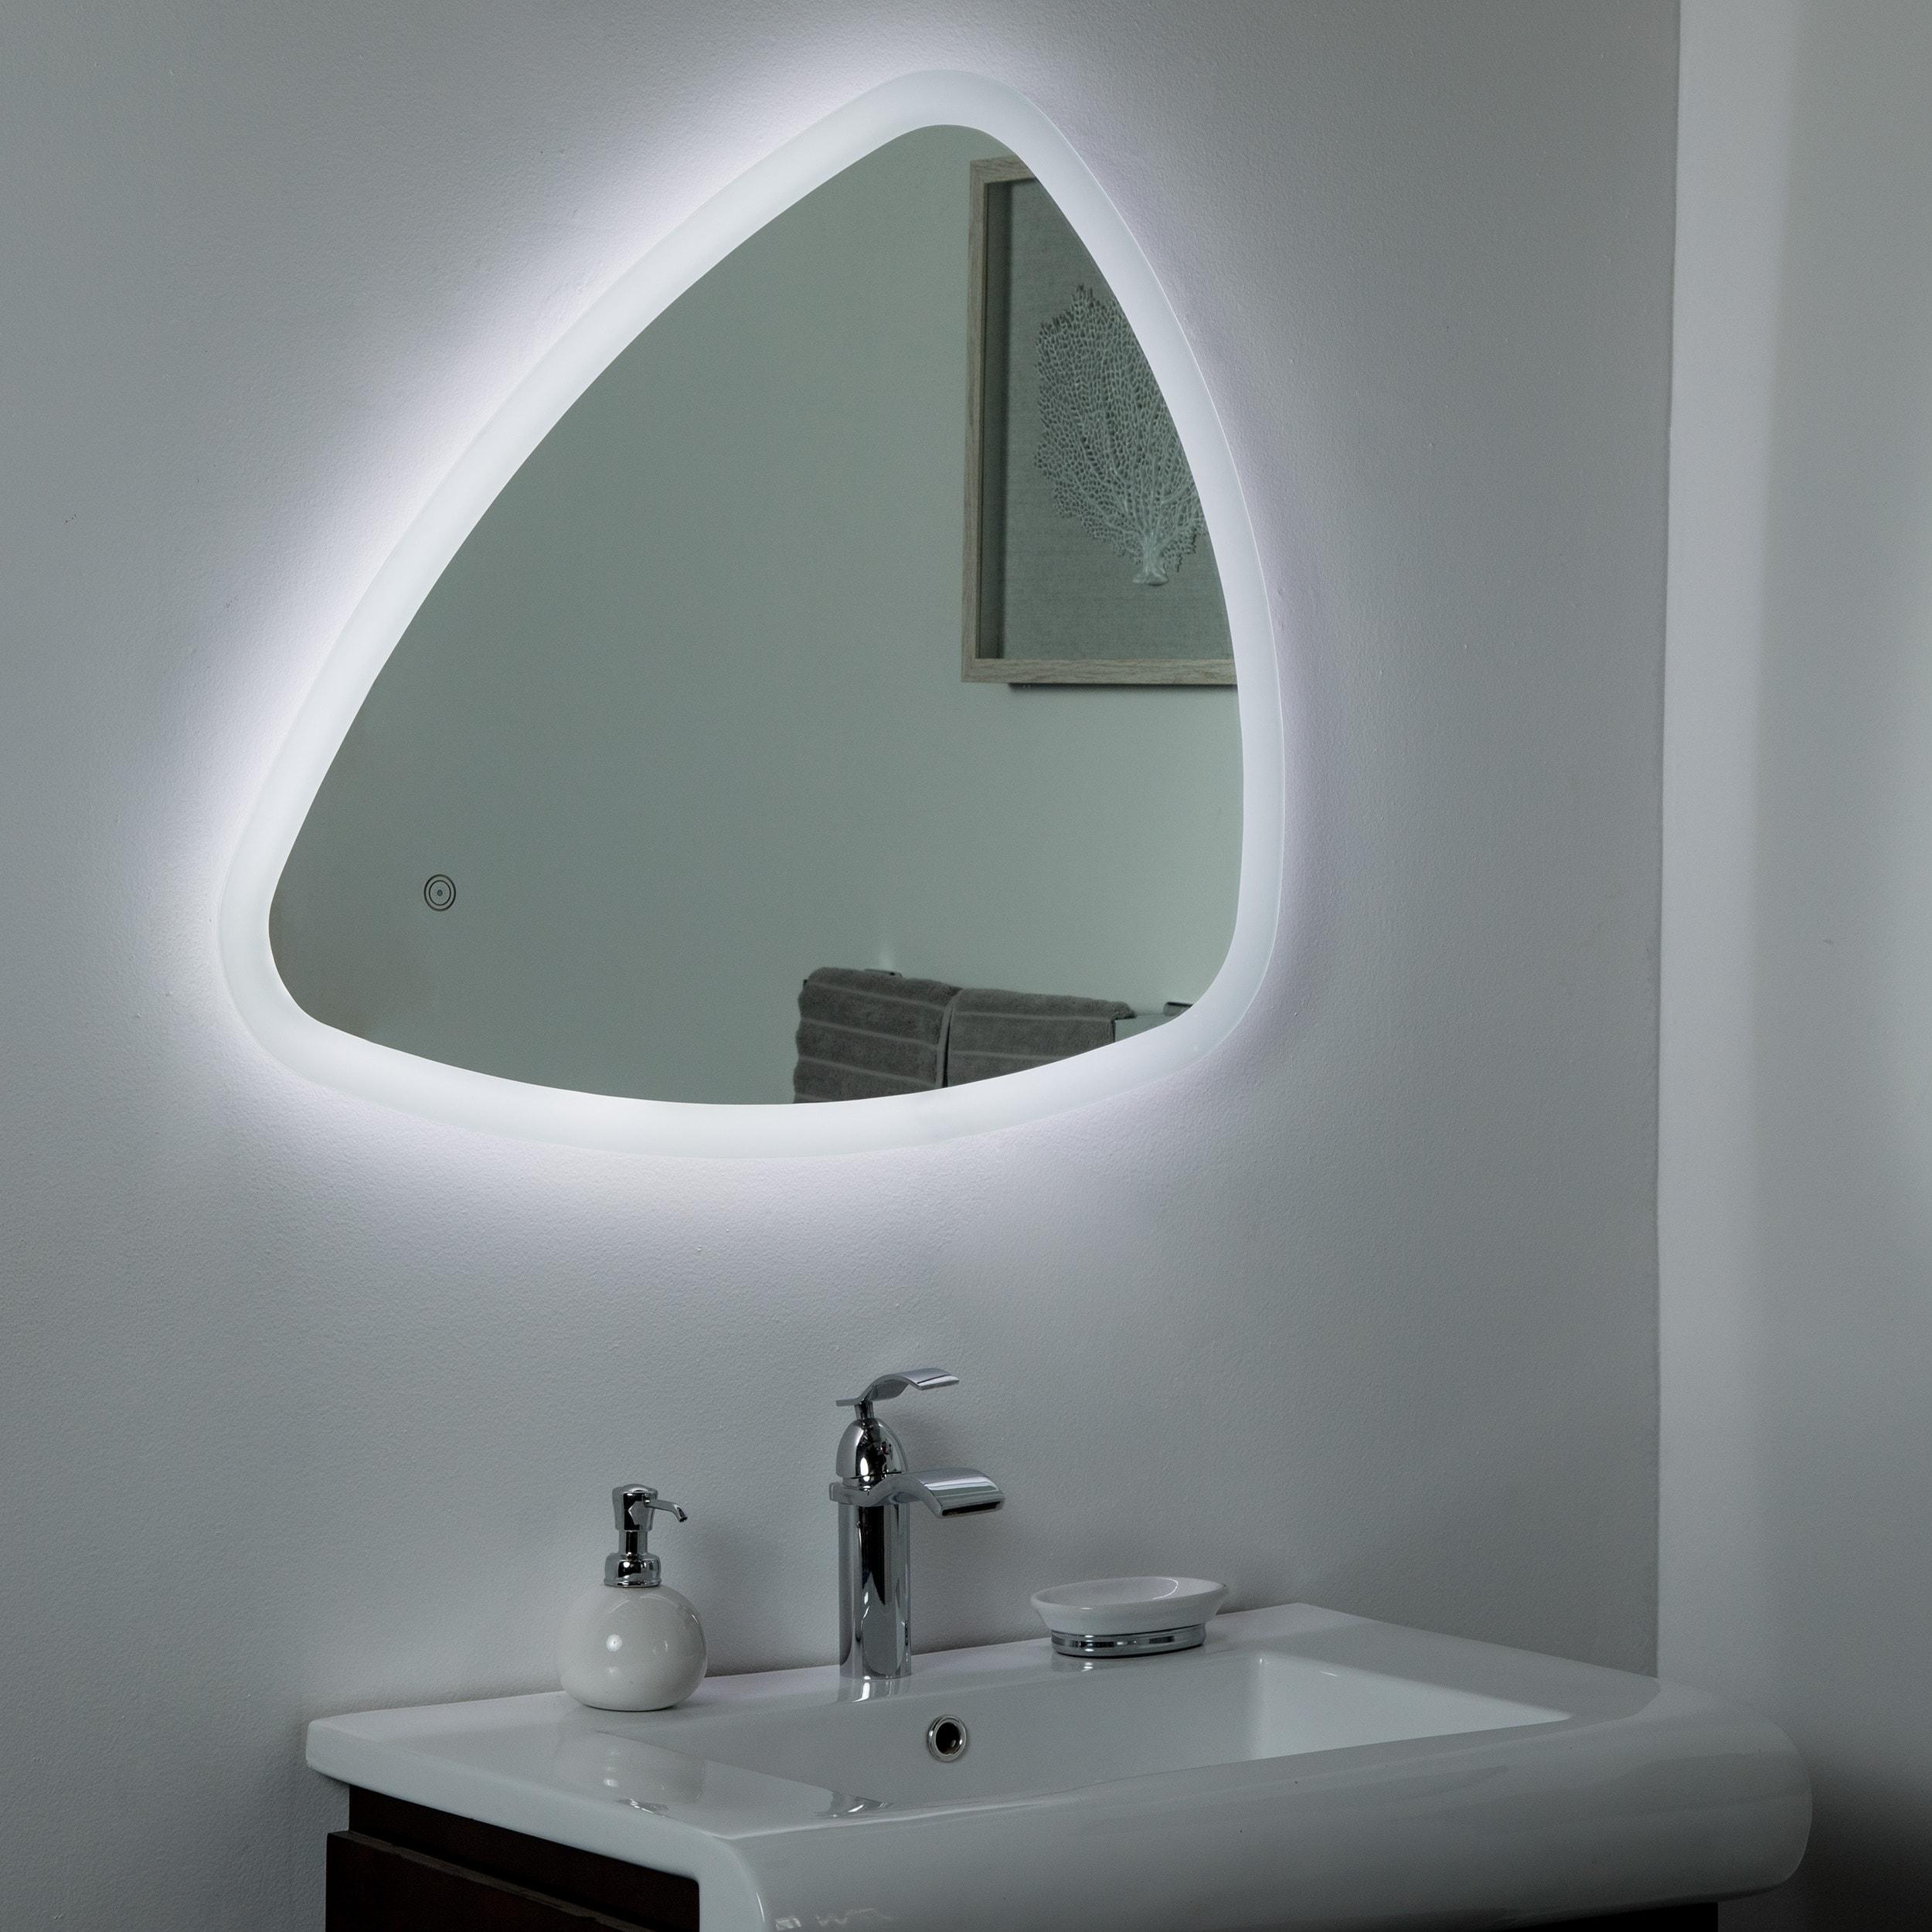 Ashley Backlit Led Mirror 33 5 X 23 6 In Bathroom Silver 5x27 5x1